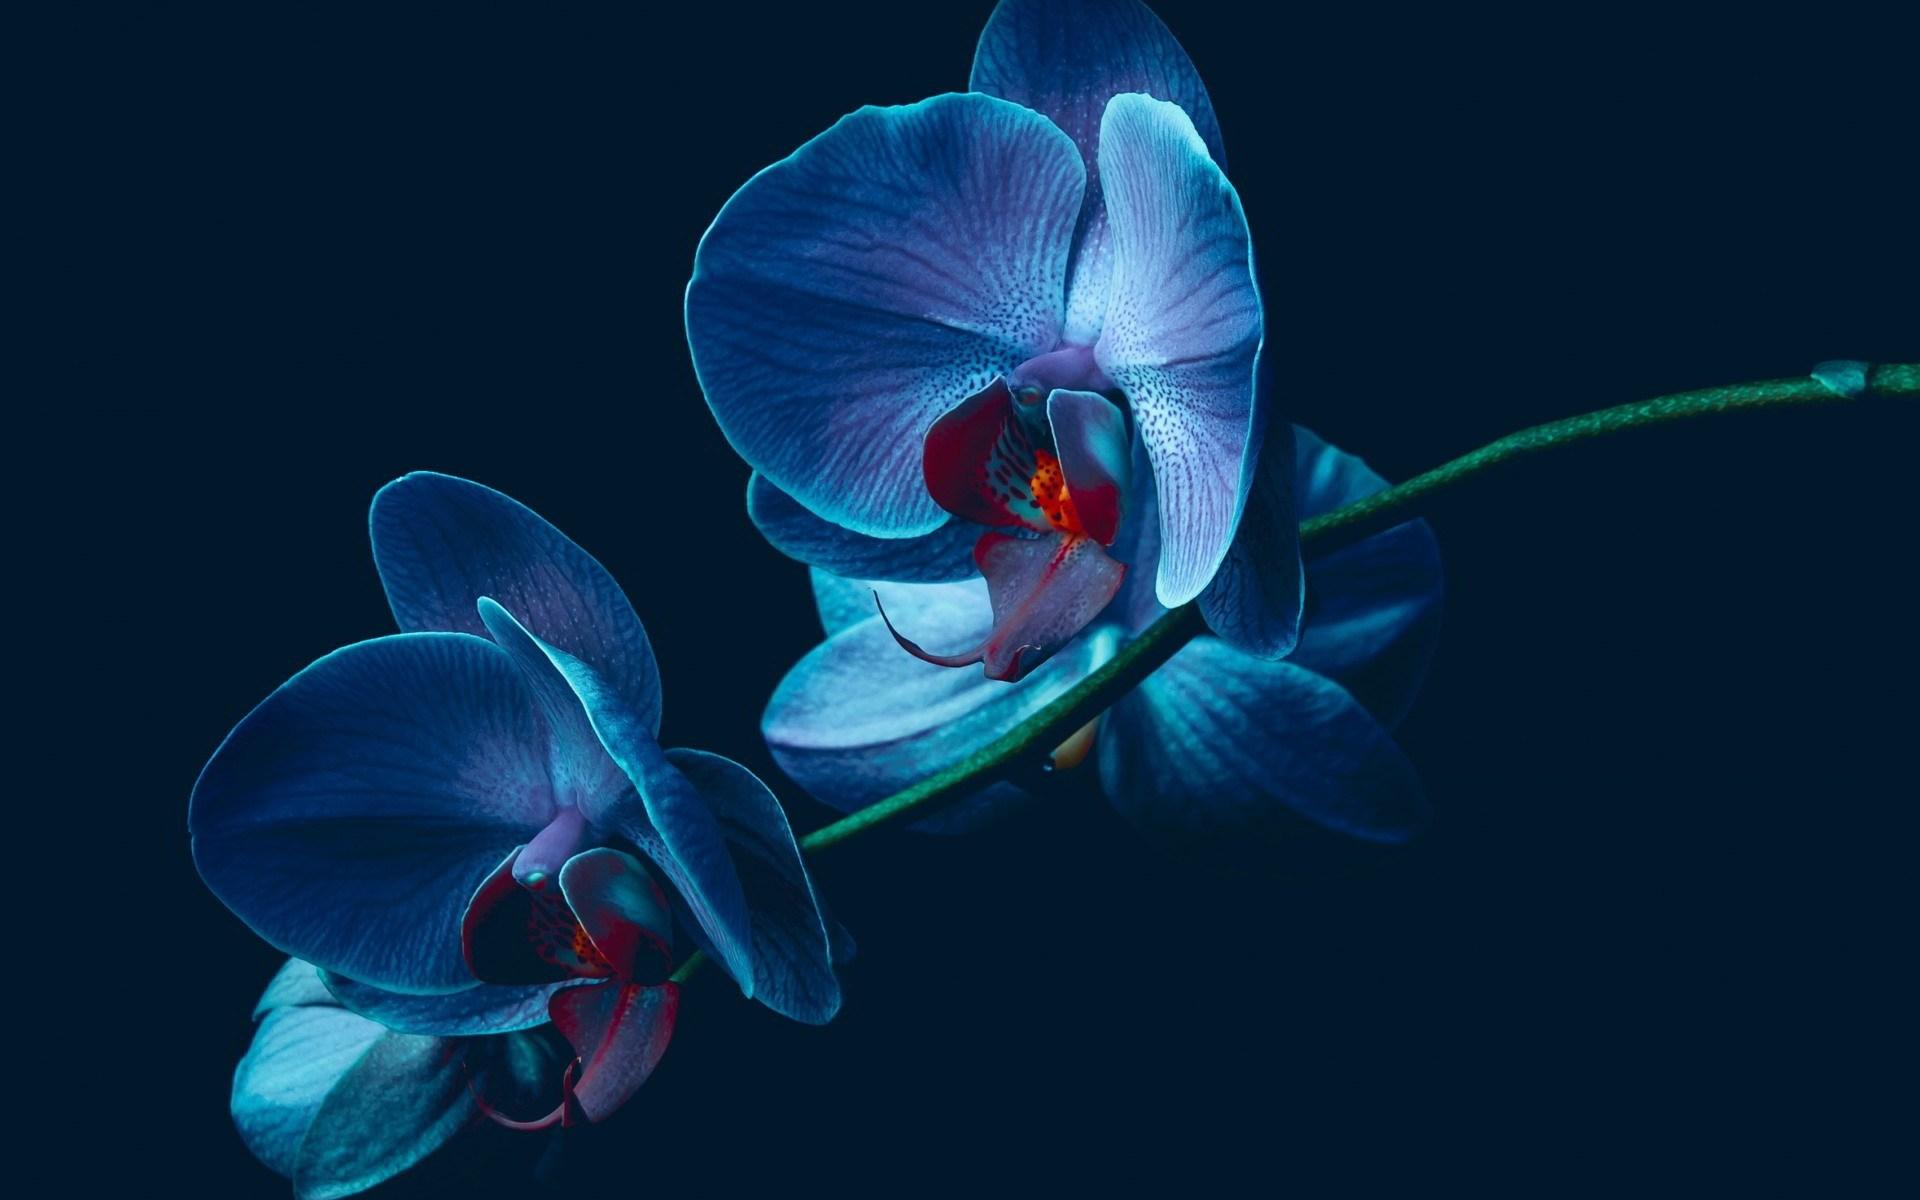 Hình nền hoa lan đẹp nhất